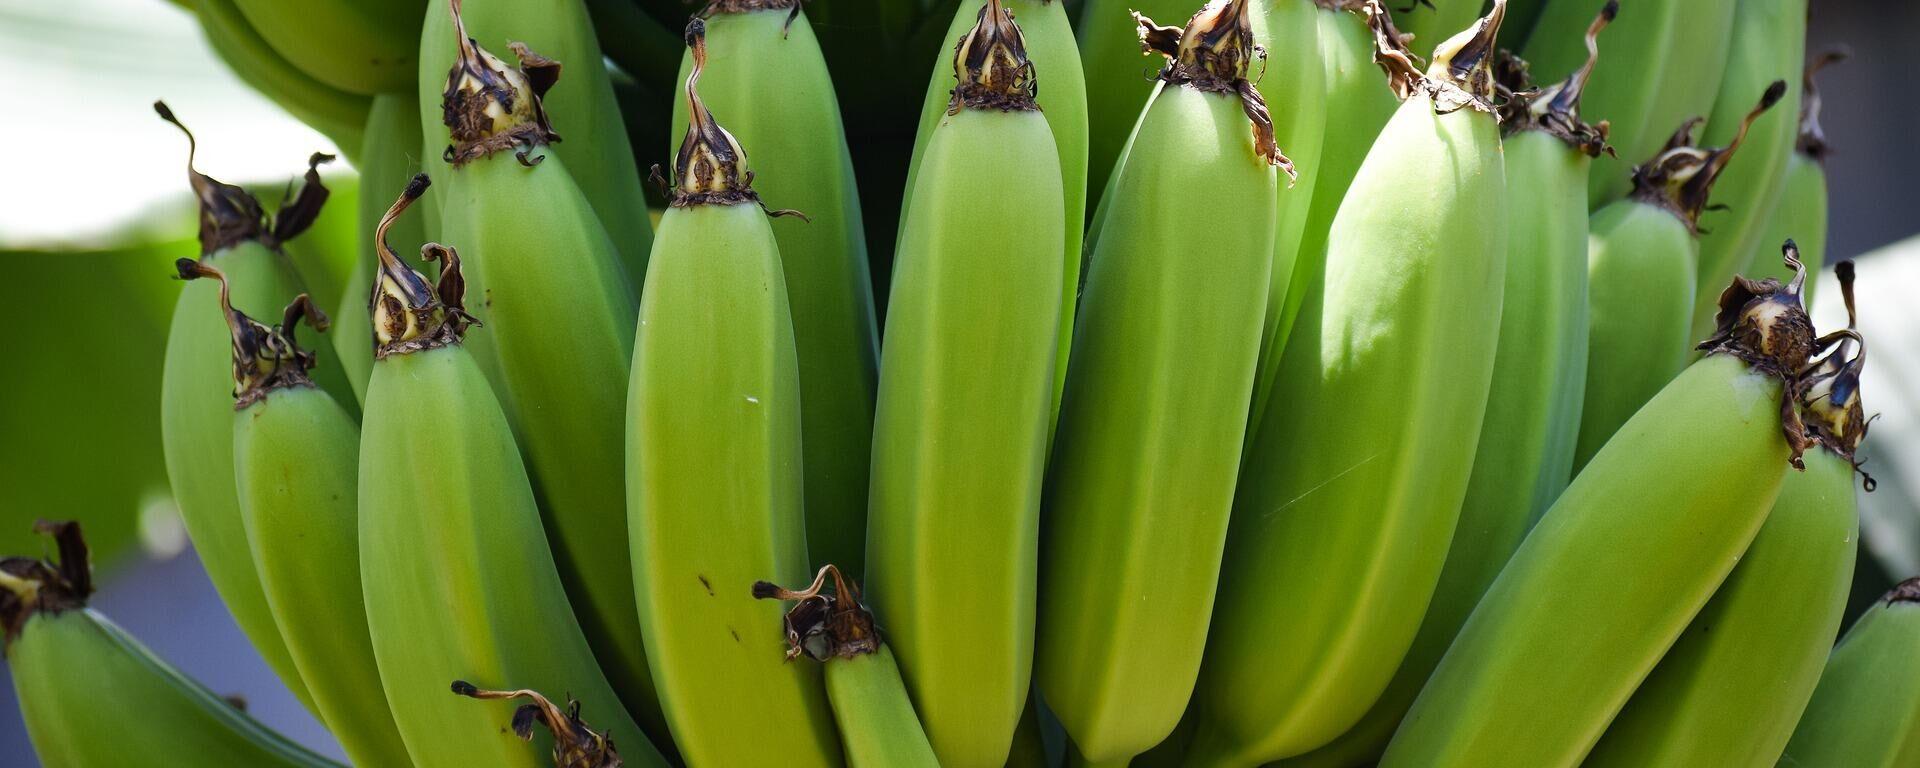 Bananas  - Sputnik Mundo, 1920, 26.04.2021